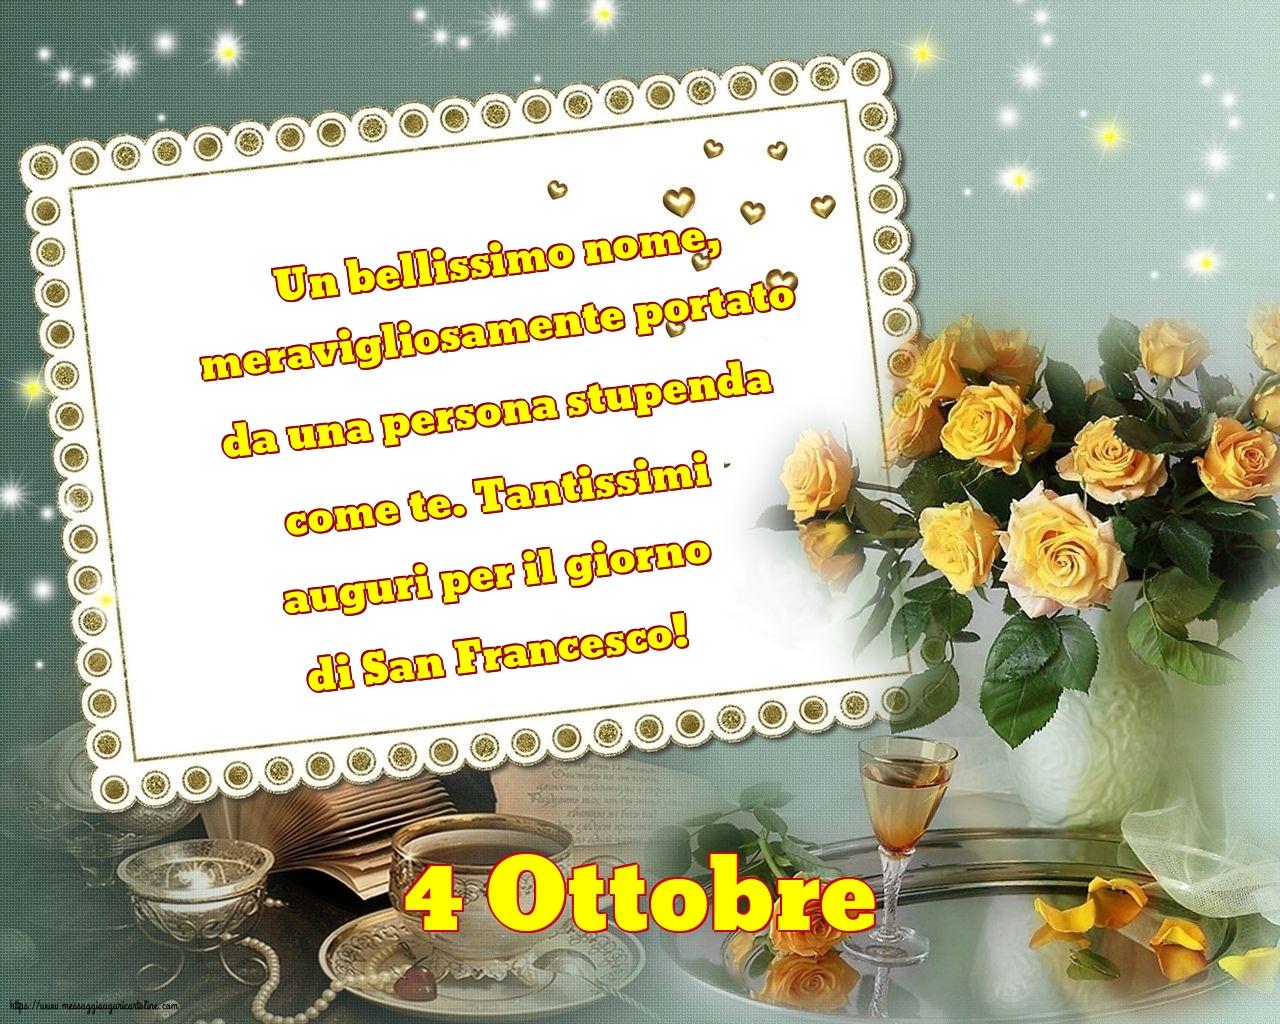 Cartoline di San Francesco - 4 Ottobre - 4 Ottobre - Tantissimi auguri per il giorno di San Francesco!